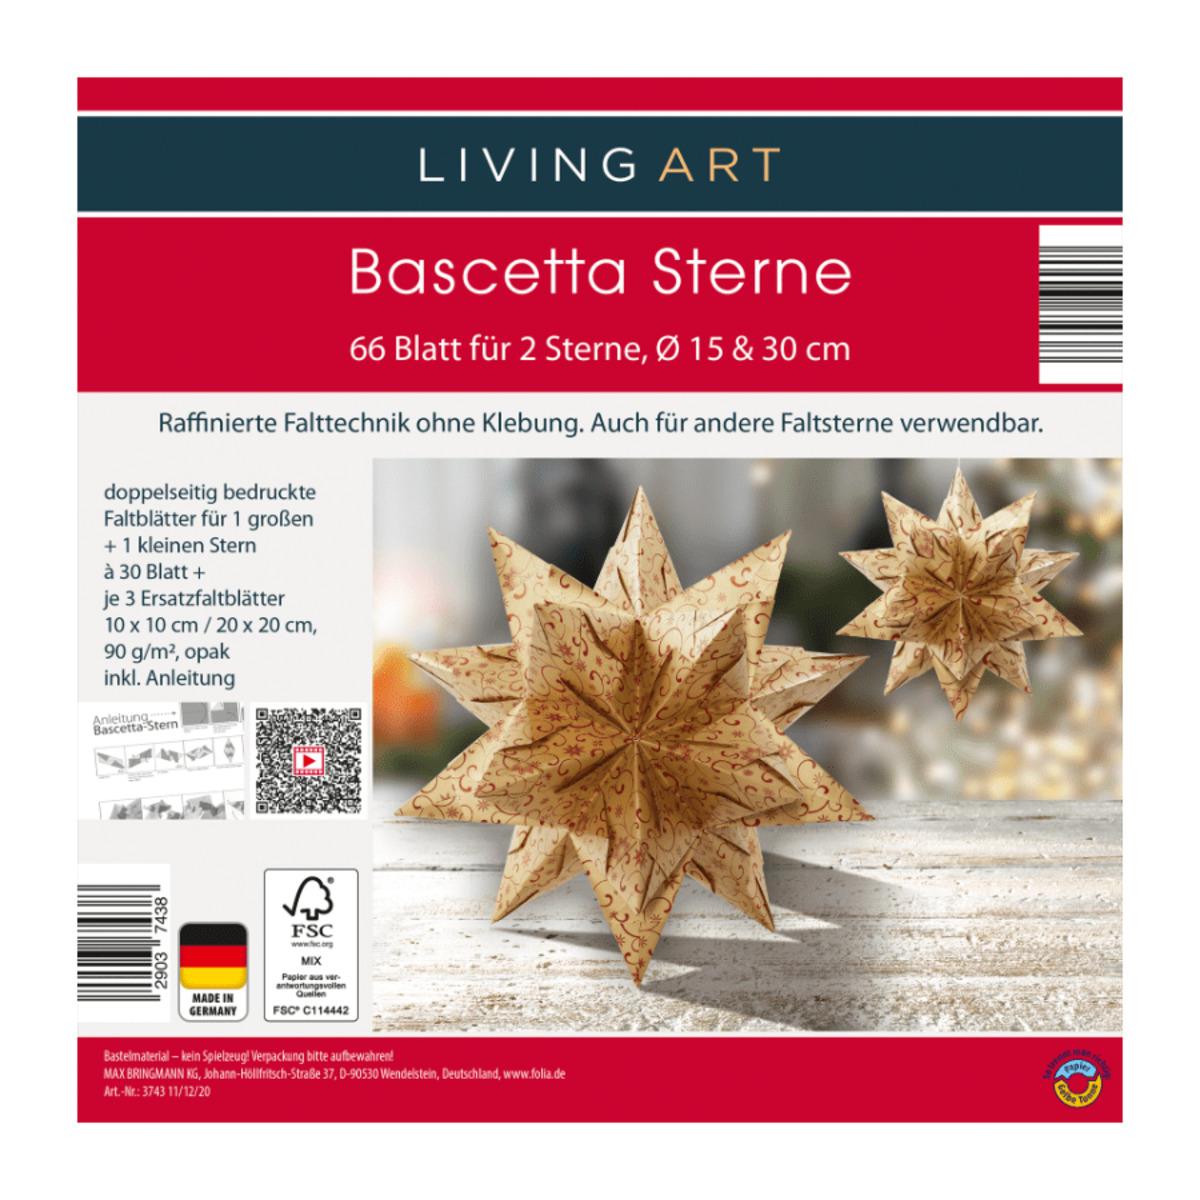 Bild 3 von LIVING ART     Bascetta Sterne